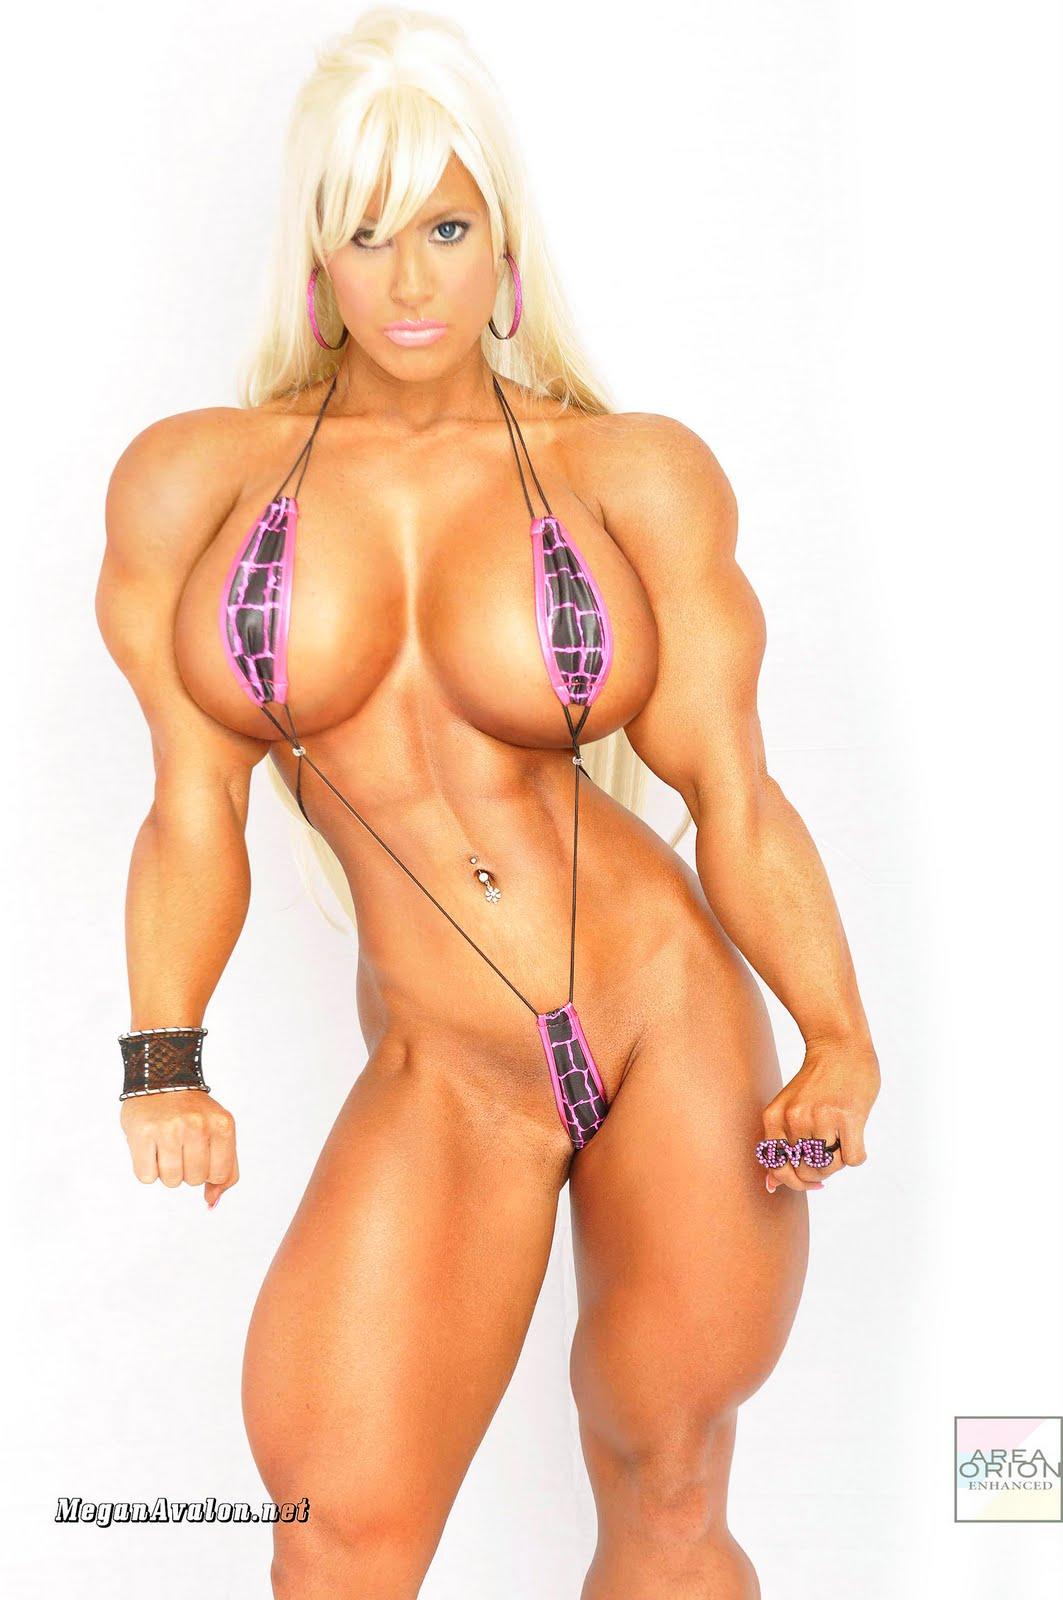 human barbie girl naked